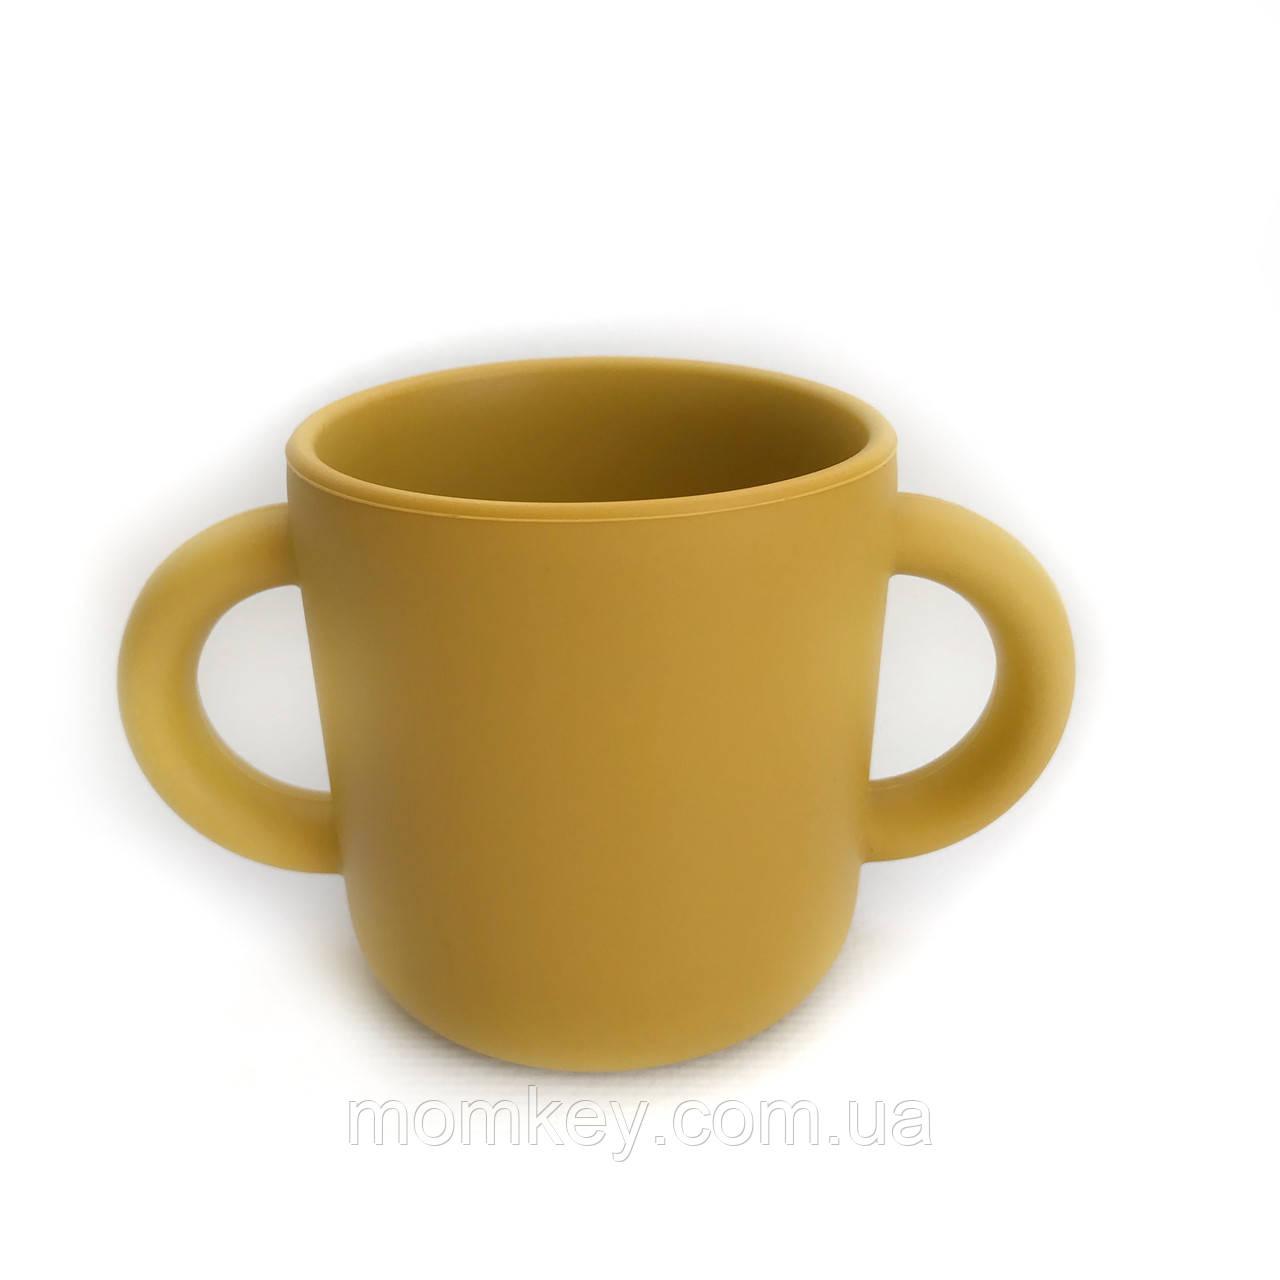 Чашка с двумя ручками (горчичный)